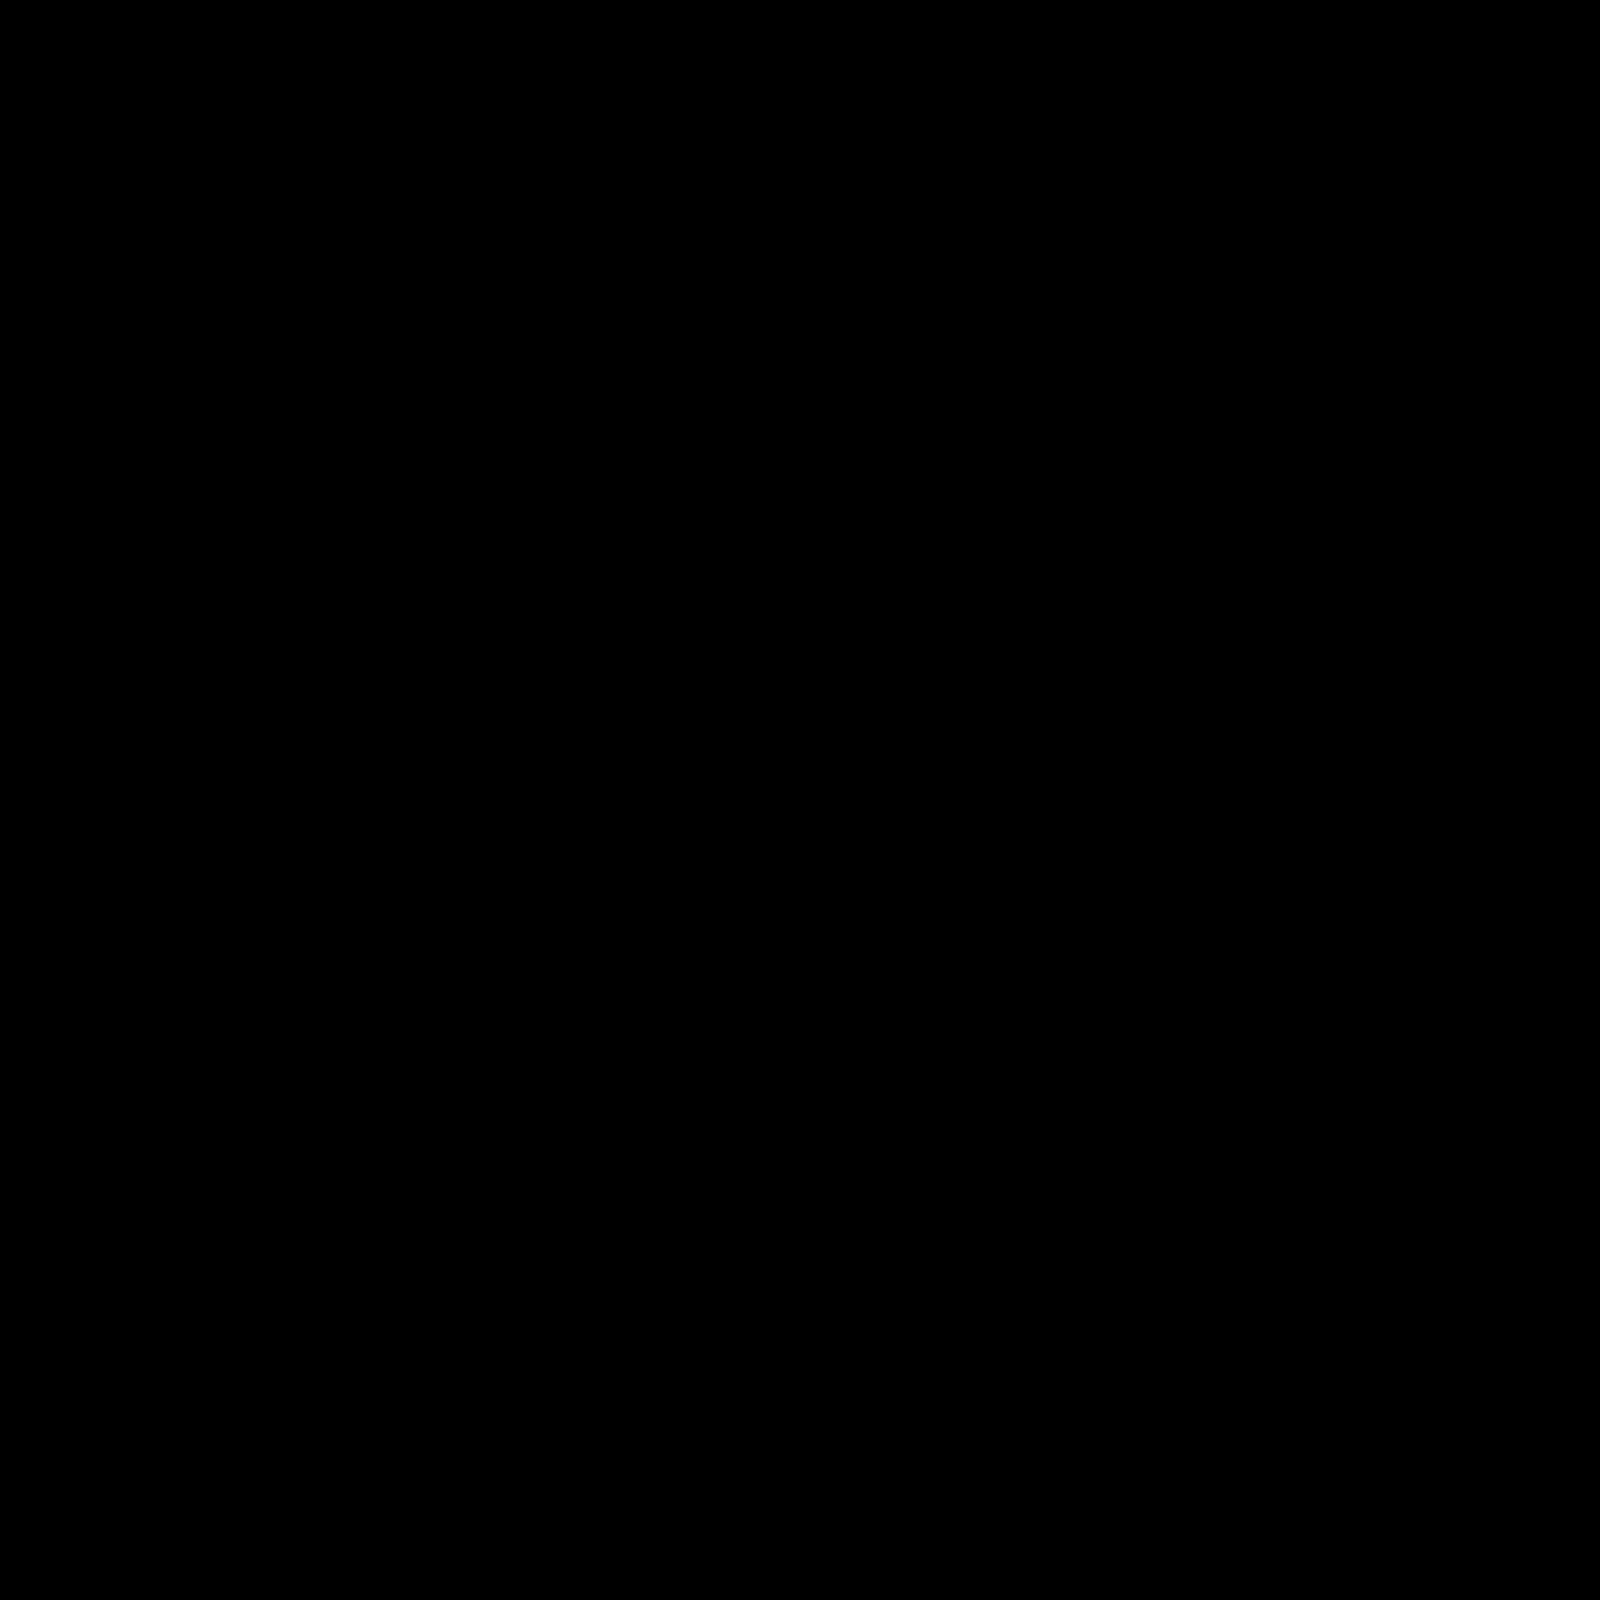 添加用户男 icon. This icon is the outline of a man's head from the top of his head to the top of the shoulders. In the bottom right hand side there is a circle that has a plus sign centered in the middle of the circle.